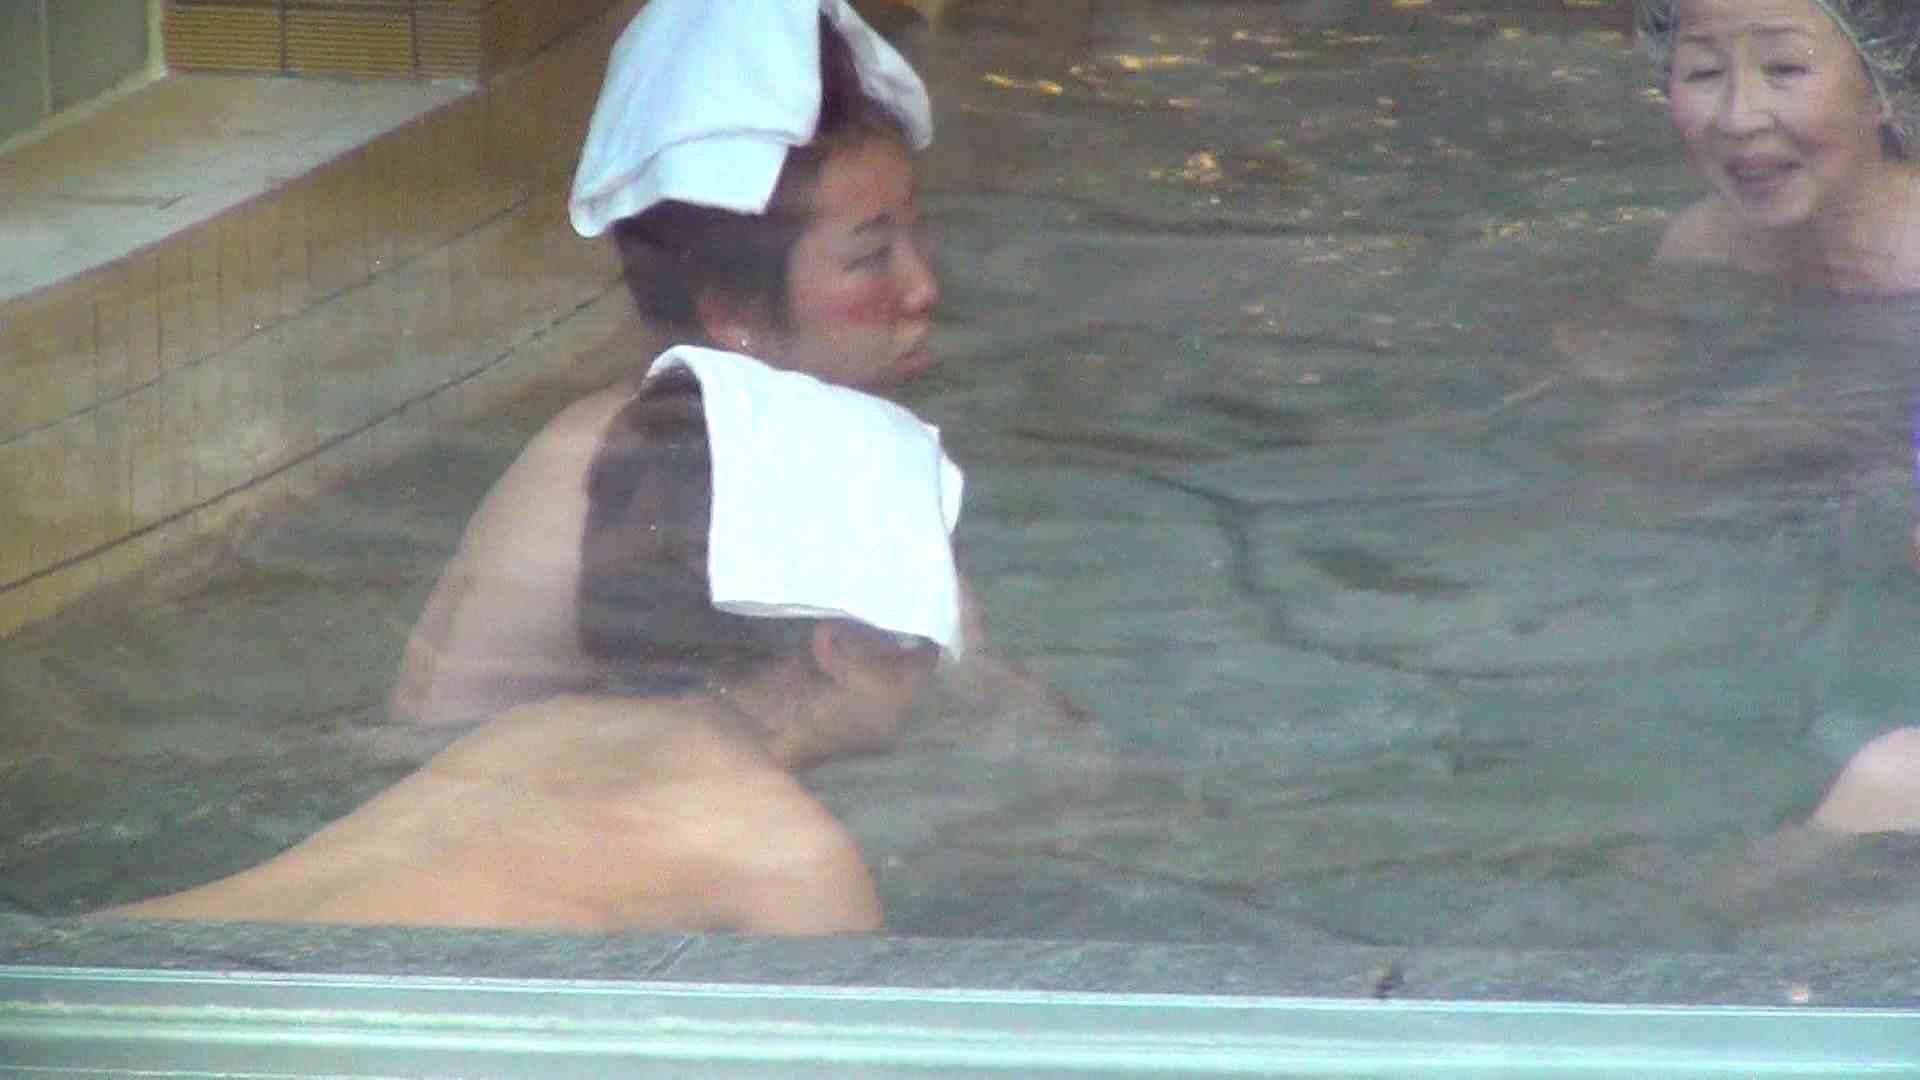 Aquaな露天風呂Vol.291 露天 | OLエロ画像  96PICs 16